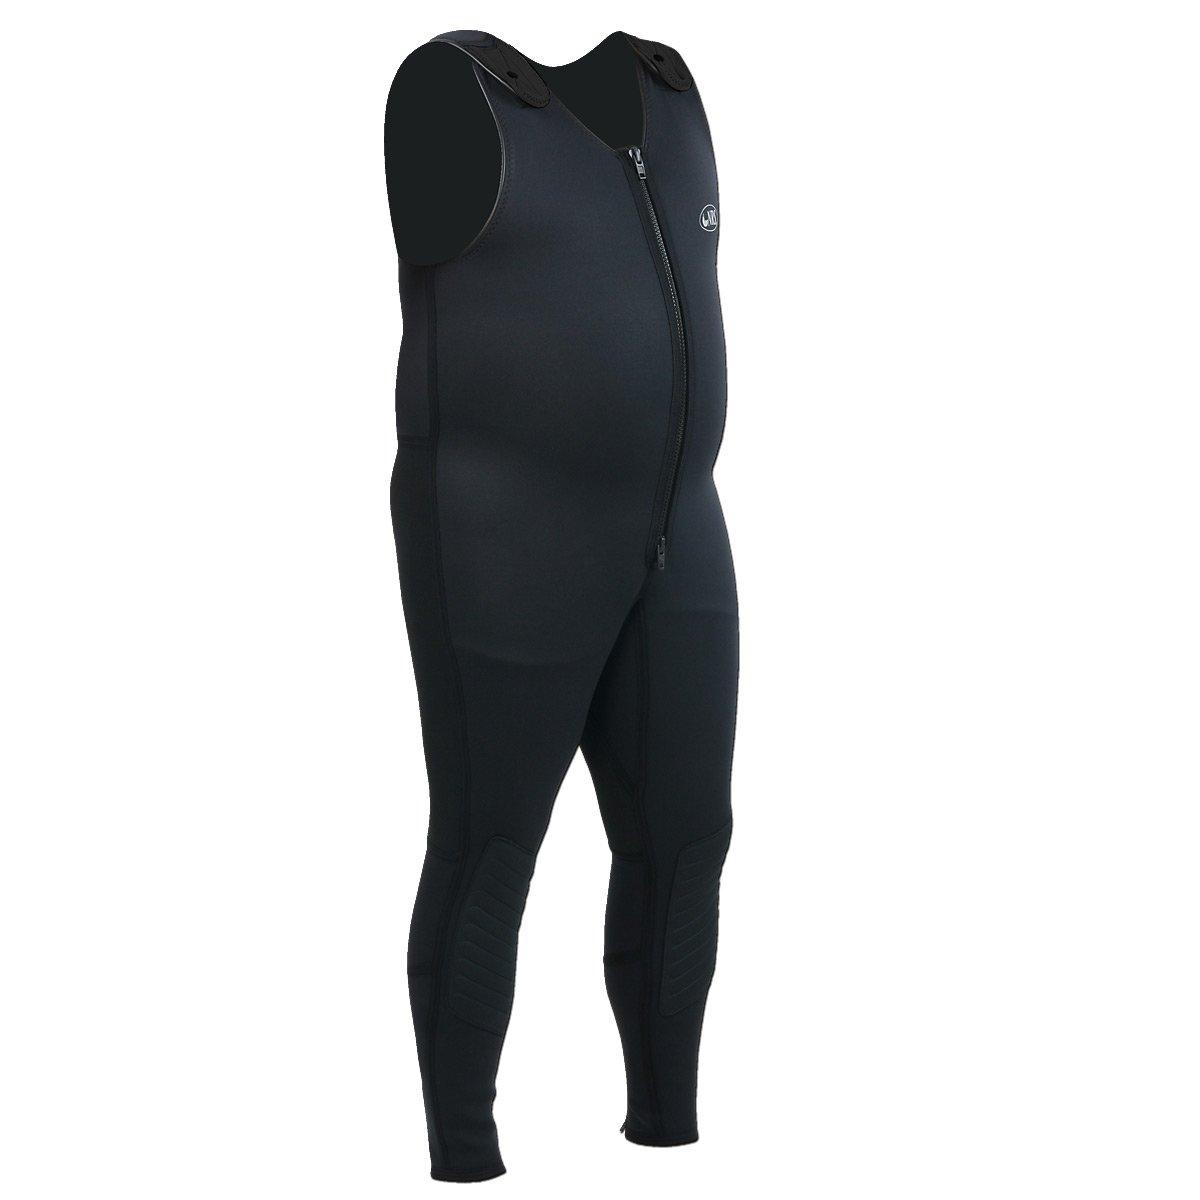 【驚きの価格が実現!】 NRS Grizzly ネオプレンウェットスーツ ブラック B00241KWKG B00241KWKG Medium|ブラック Medium ブラック Medium, KEITOS:8f4df527 --- beyonddefeat.com